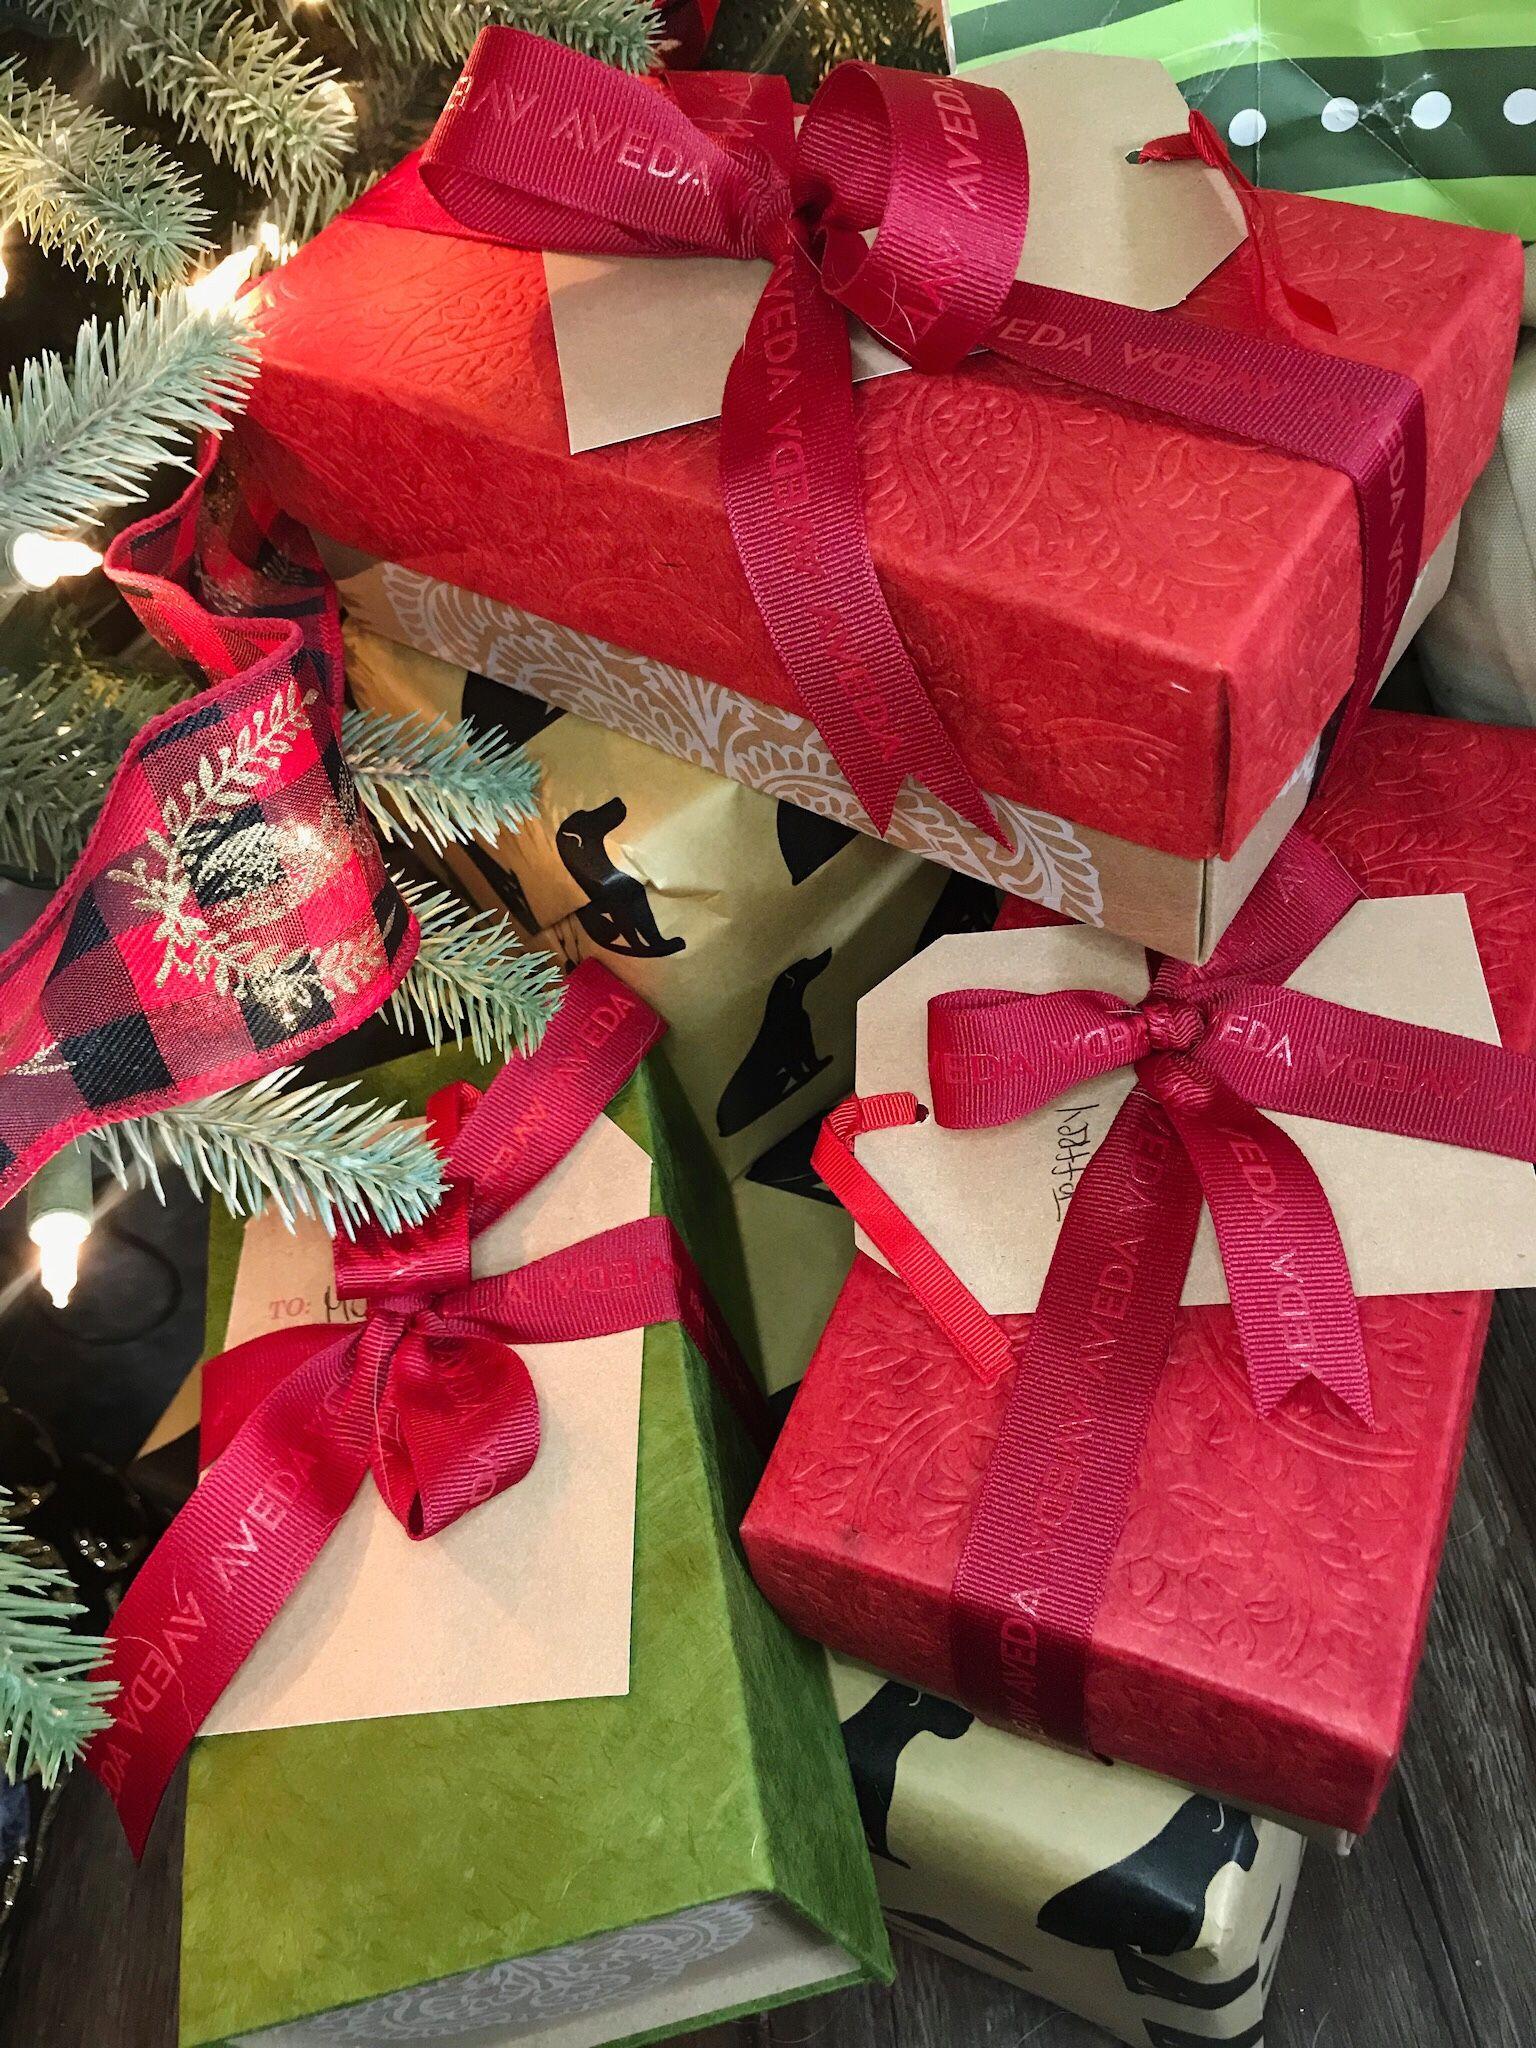 Give aveda this season smells like aveda gift wrap